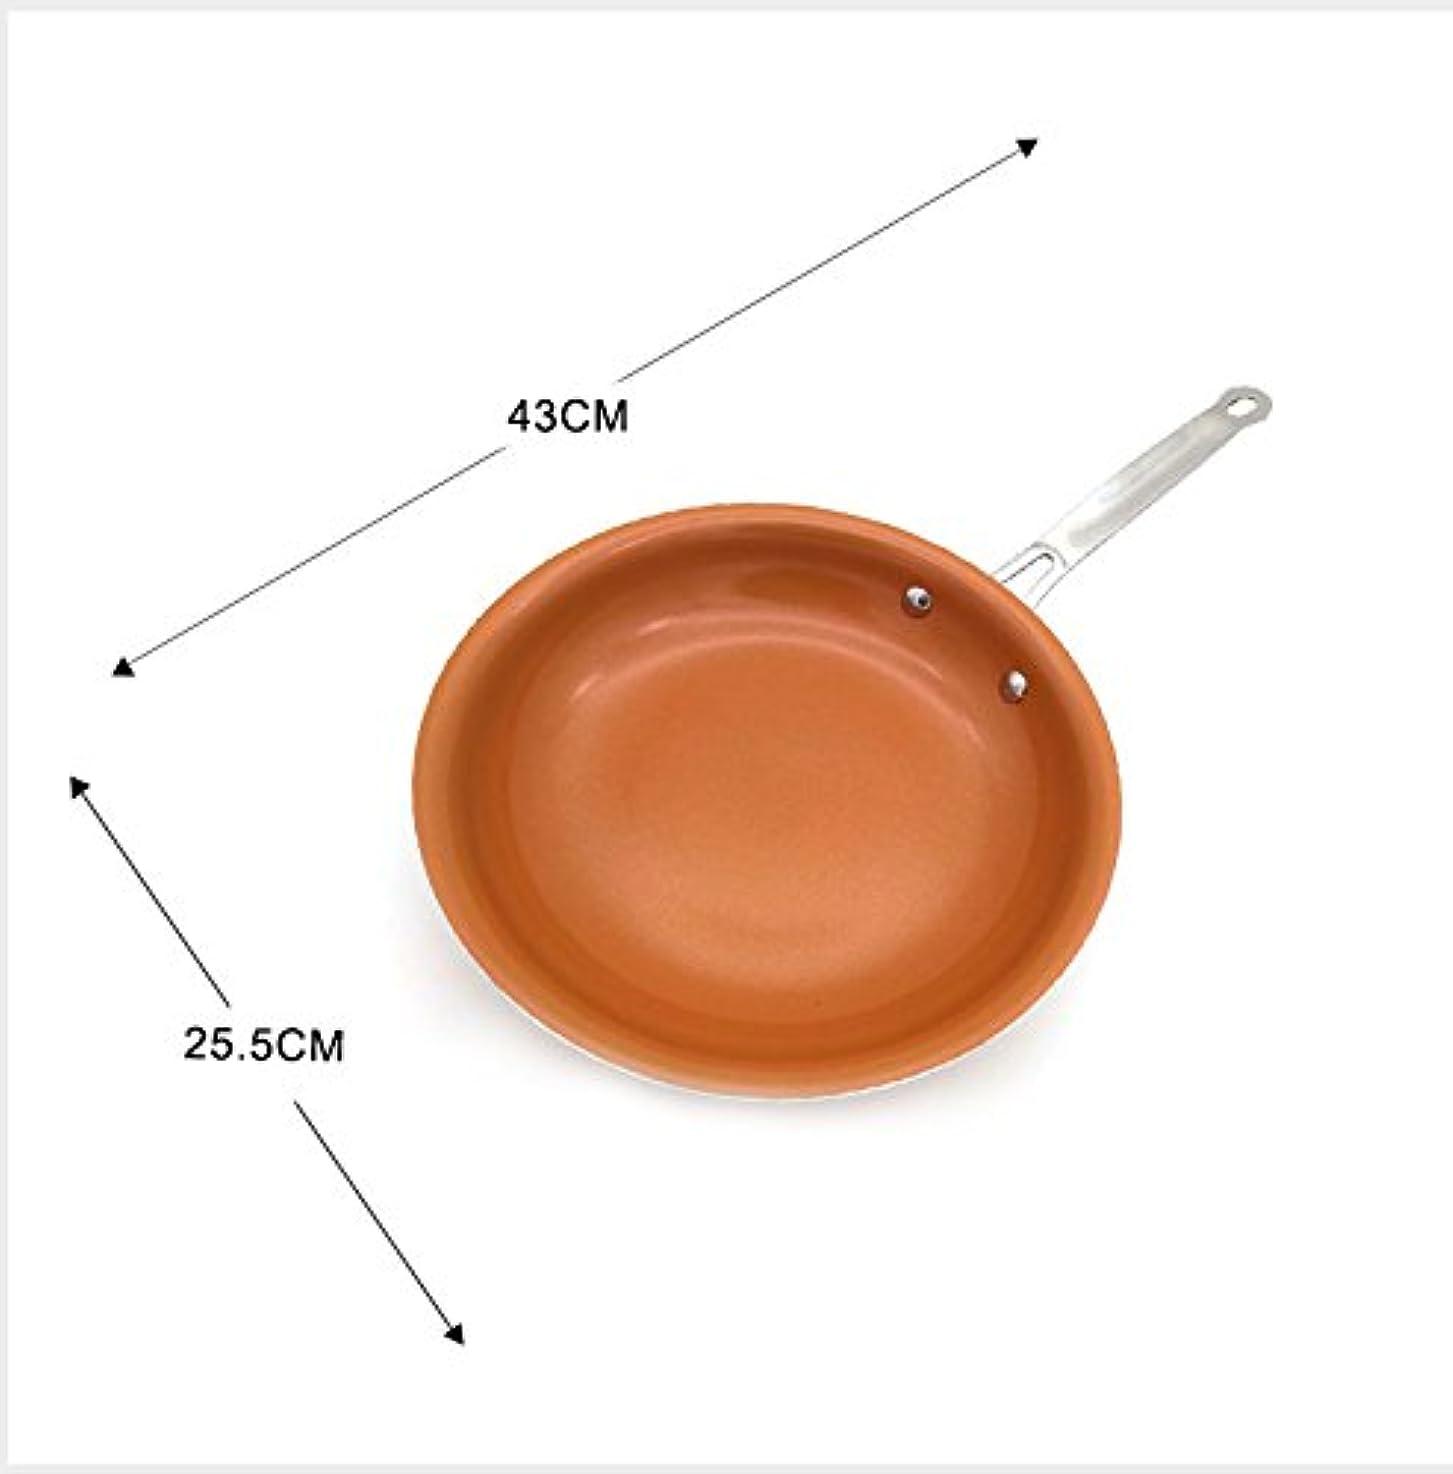 販売員ホバーフィドルノンスティック銅フライパンでセラミックコーティングと誘導調理、オーブン&食器洗い機セーフ10インチ12インチ-10 inches